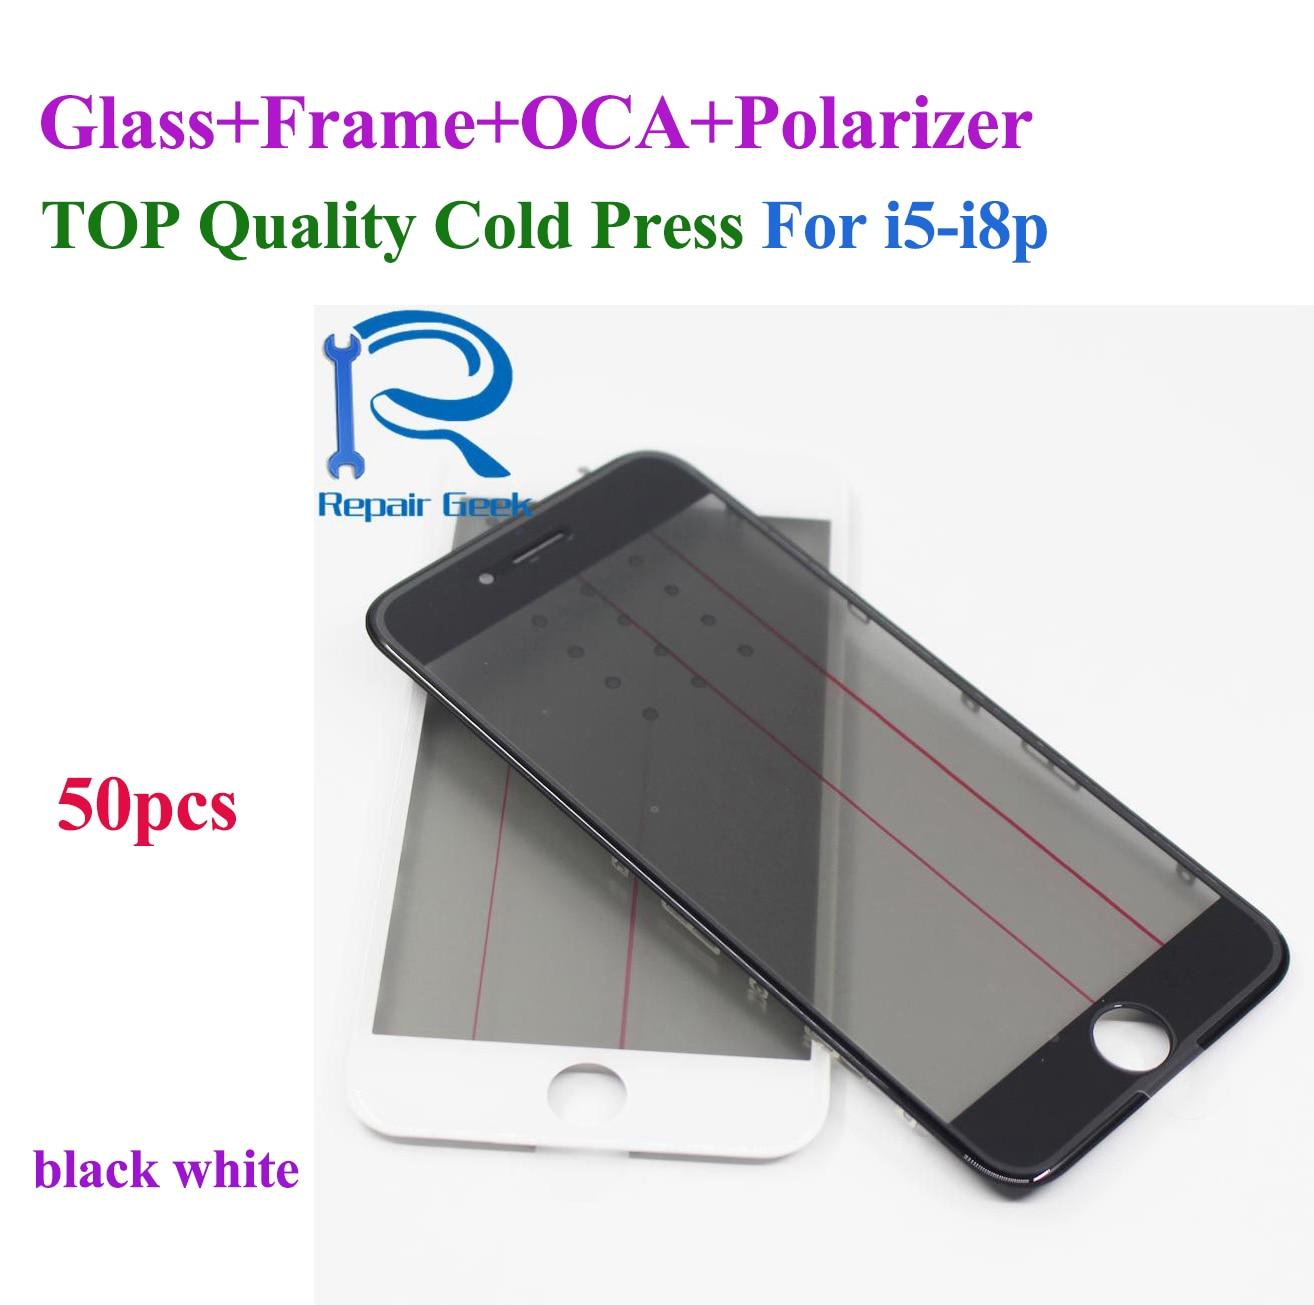 4 في 1 عدسة زجاجية أمامية مع إطار إيطار ، فيلم مستقطب OCA لهاتف iPhone 8 7 6 6s plus 5 5s 5c ، ضغط بارد ، 50 قطعة